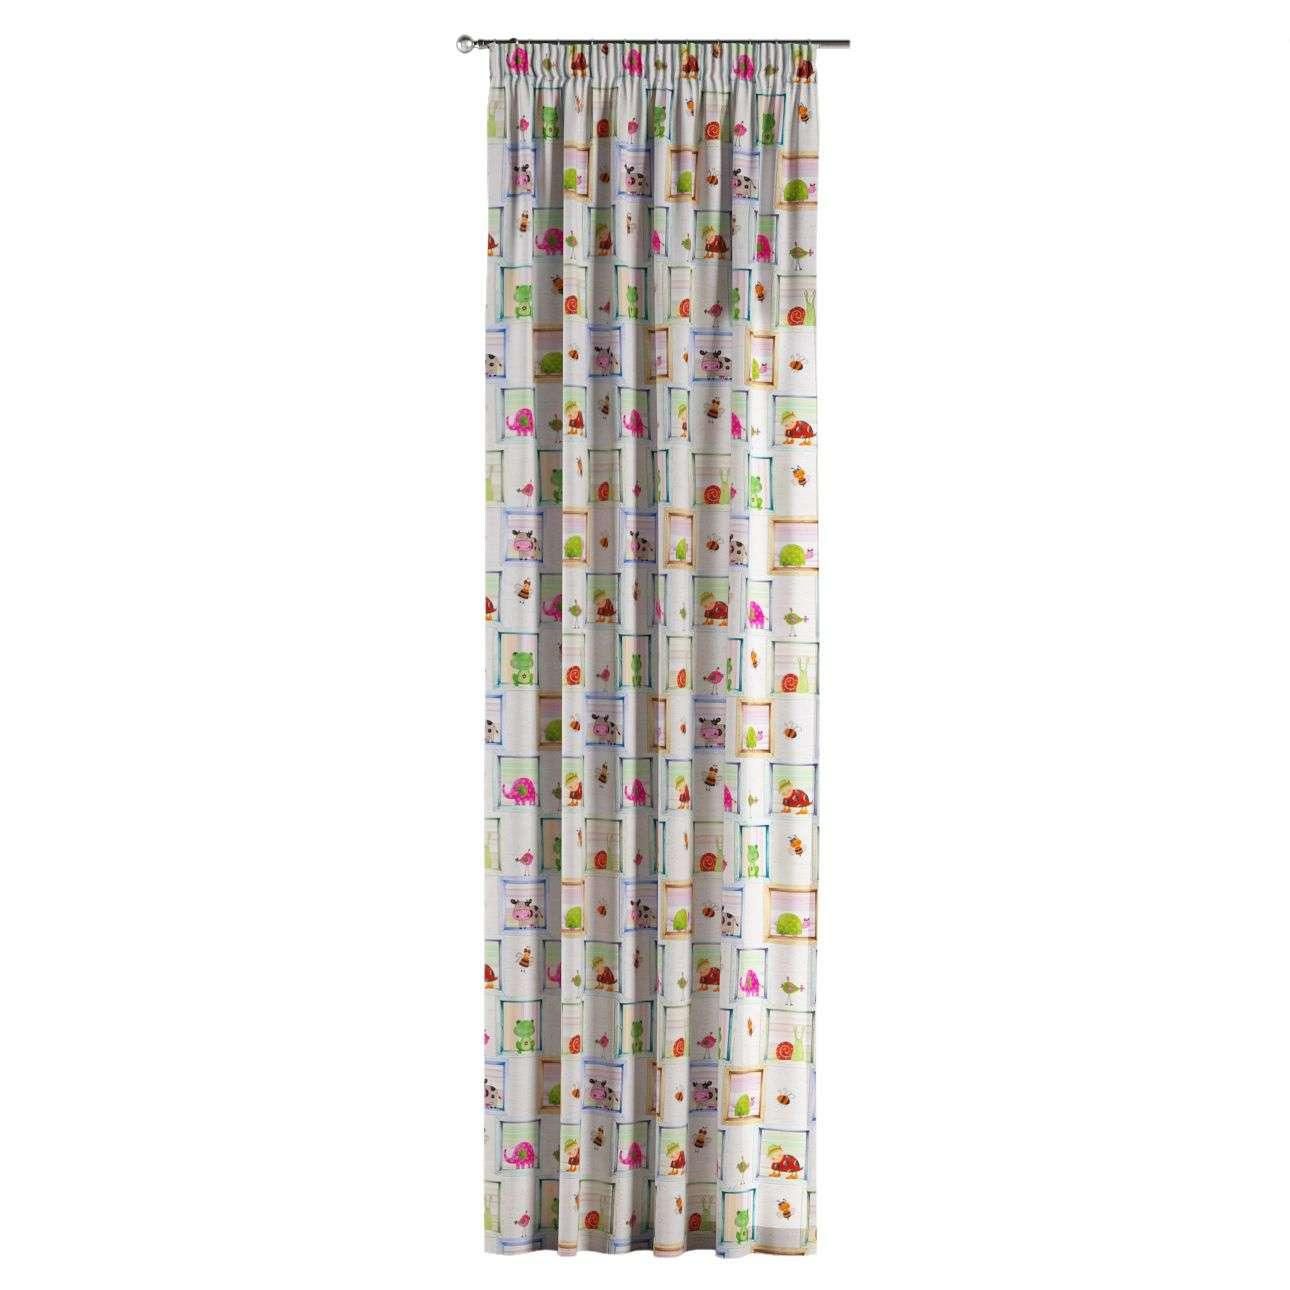 Pieštukinio klostavimo užuolaidos 130 x 260 cm (plotis x ilgis) kolekcijoje Apanona, audinys: 151-04